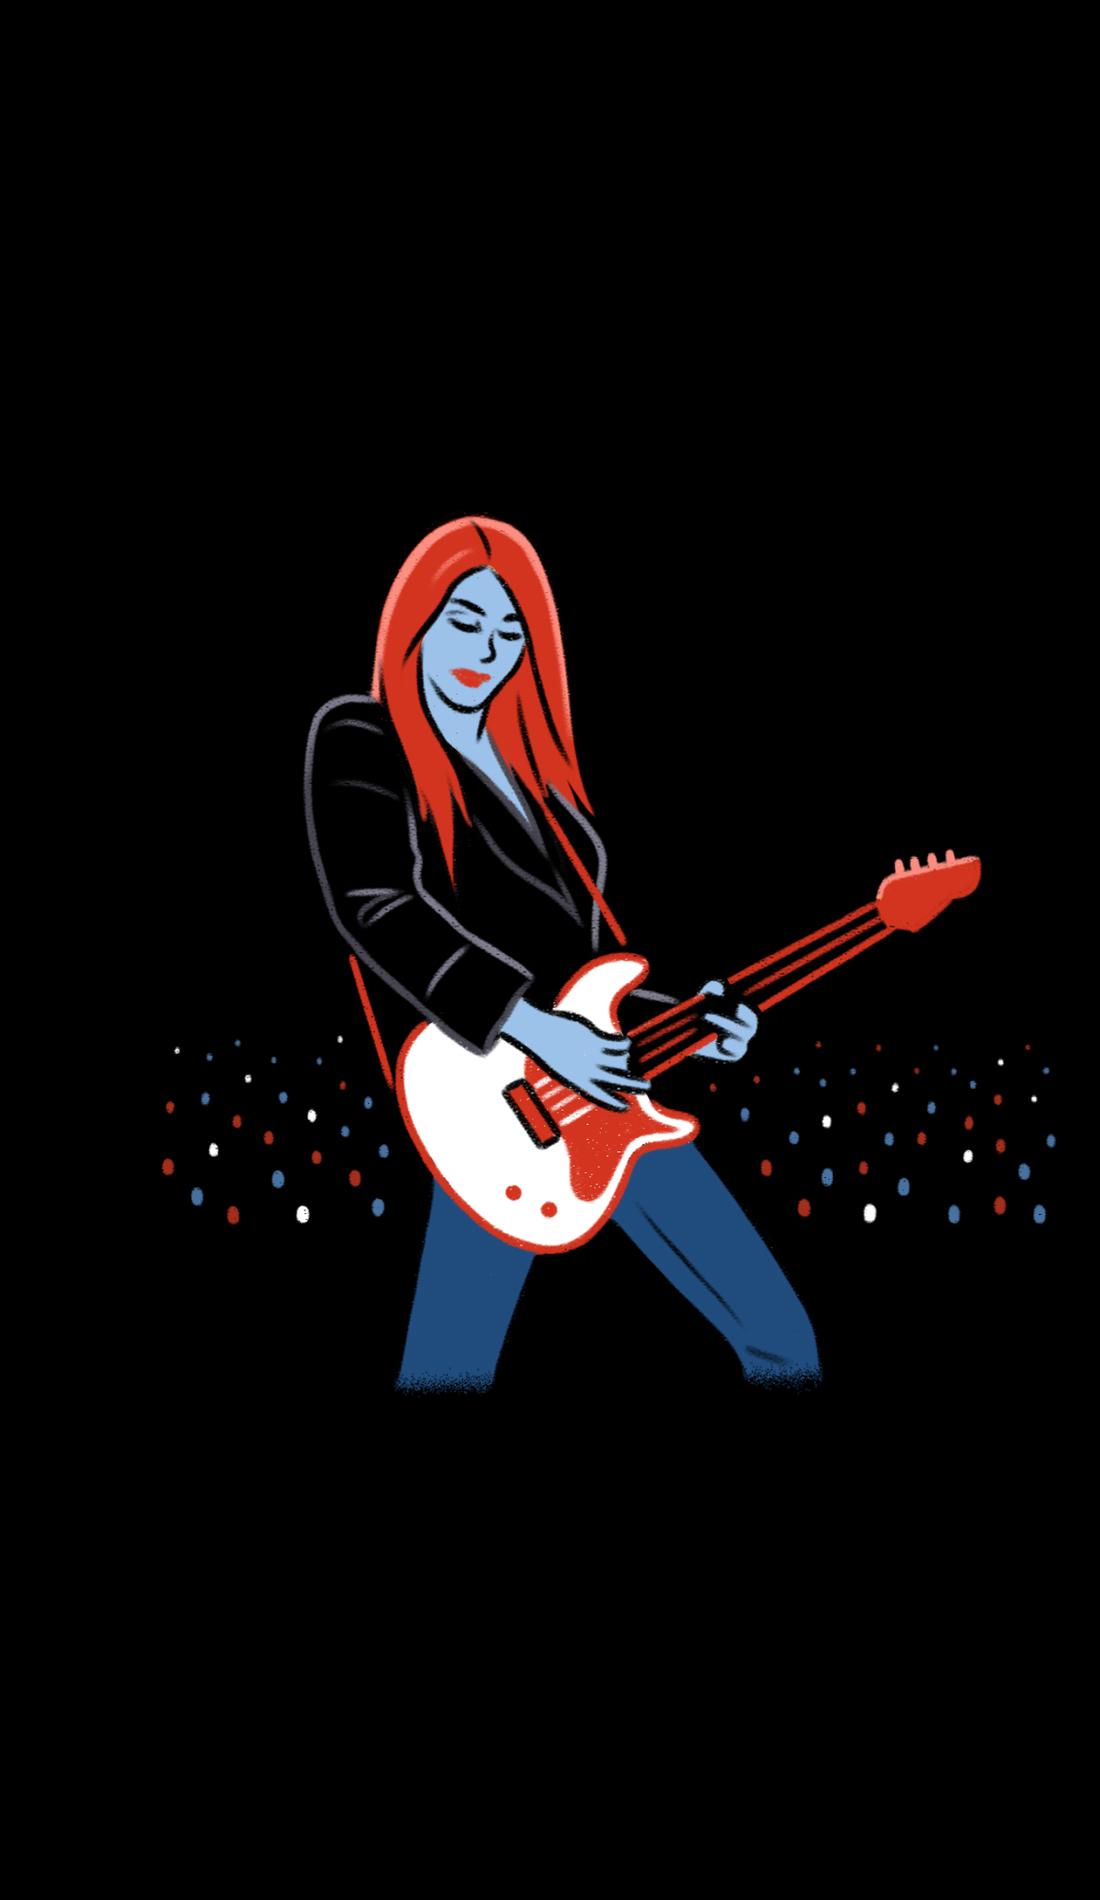 A Revolucion de Amor live event